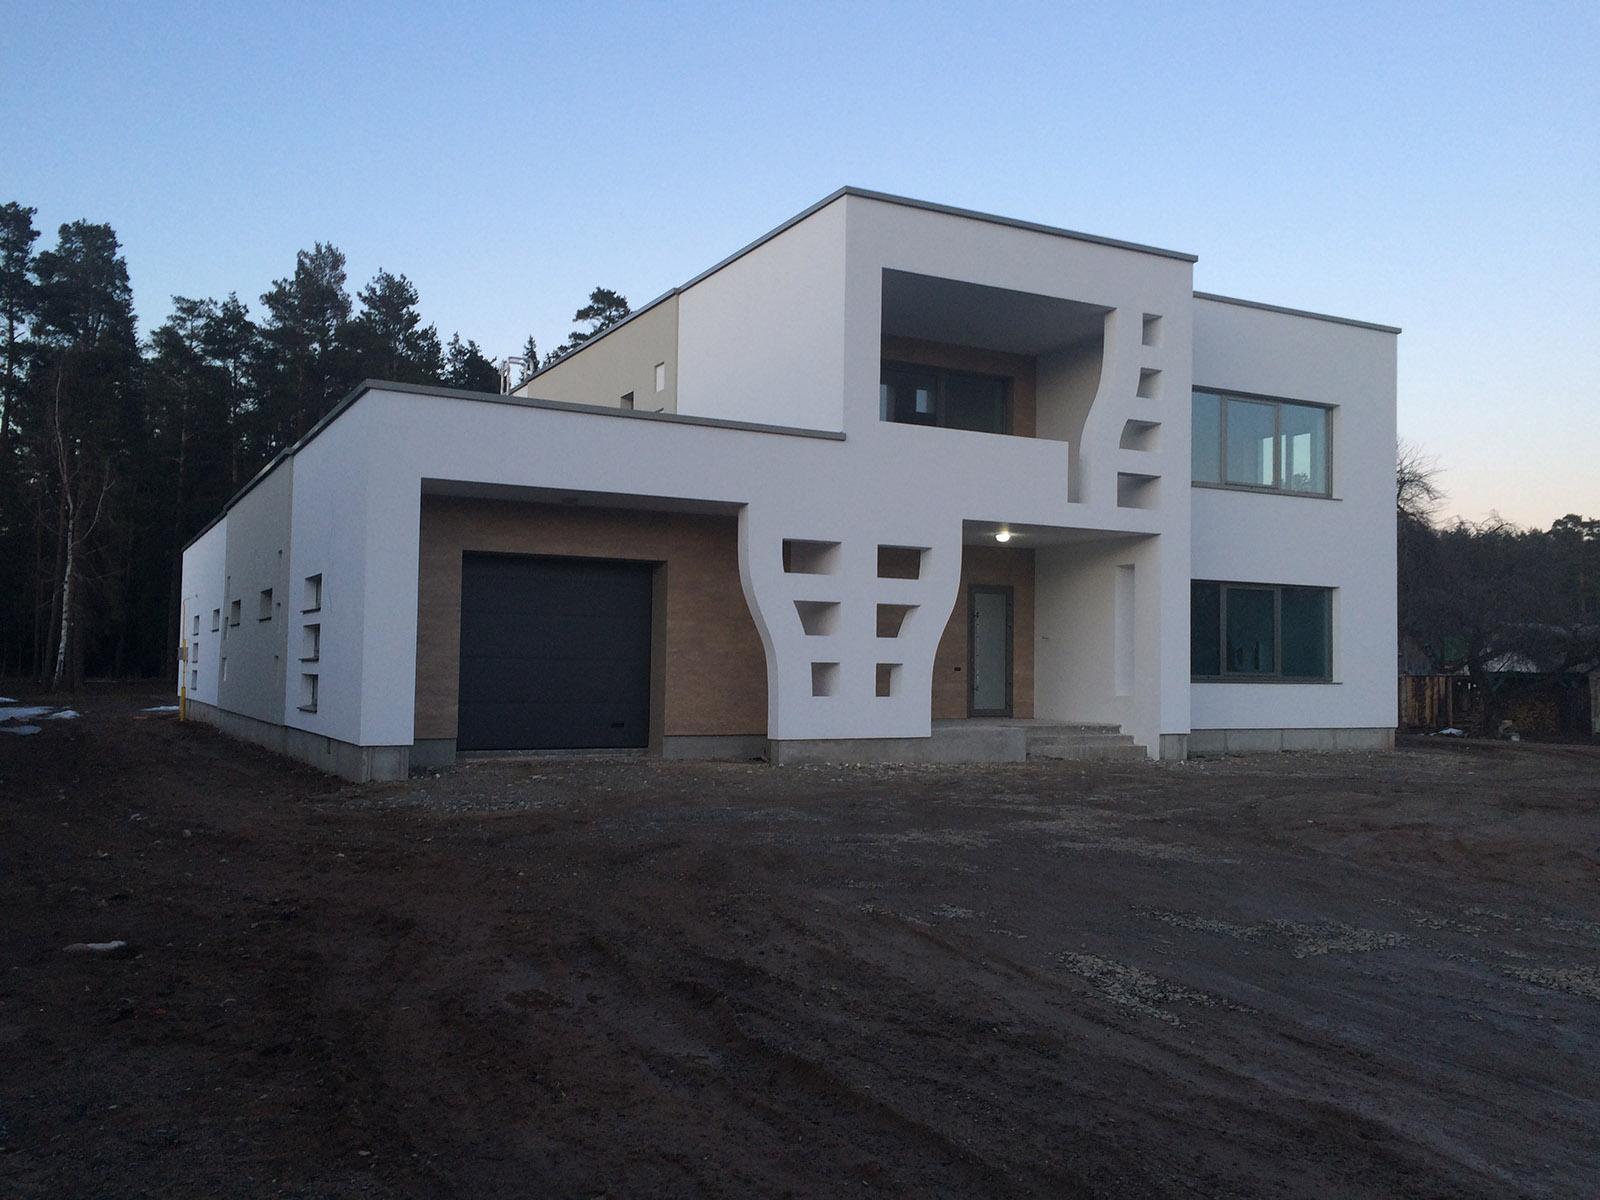 Остекление жилого дома №2.13